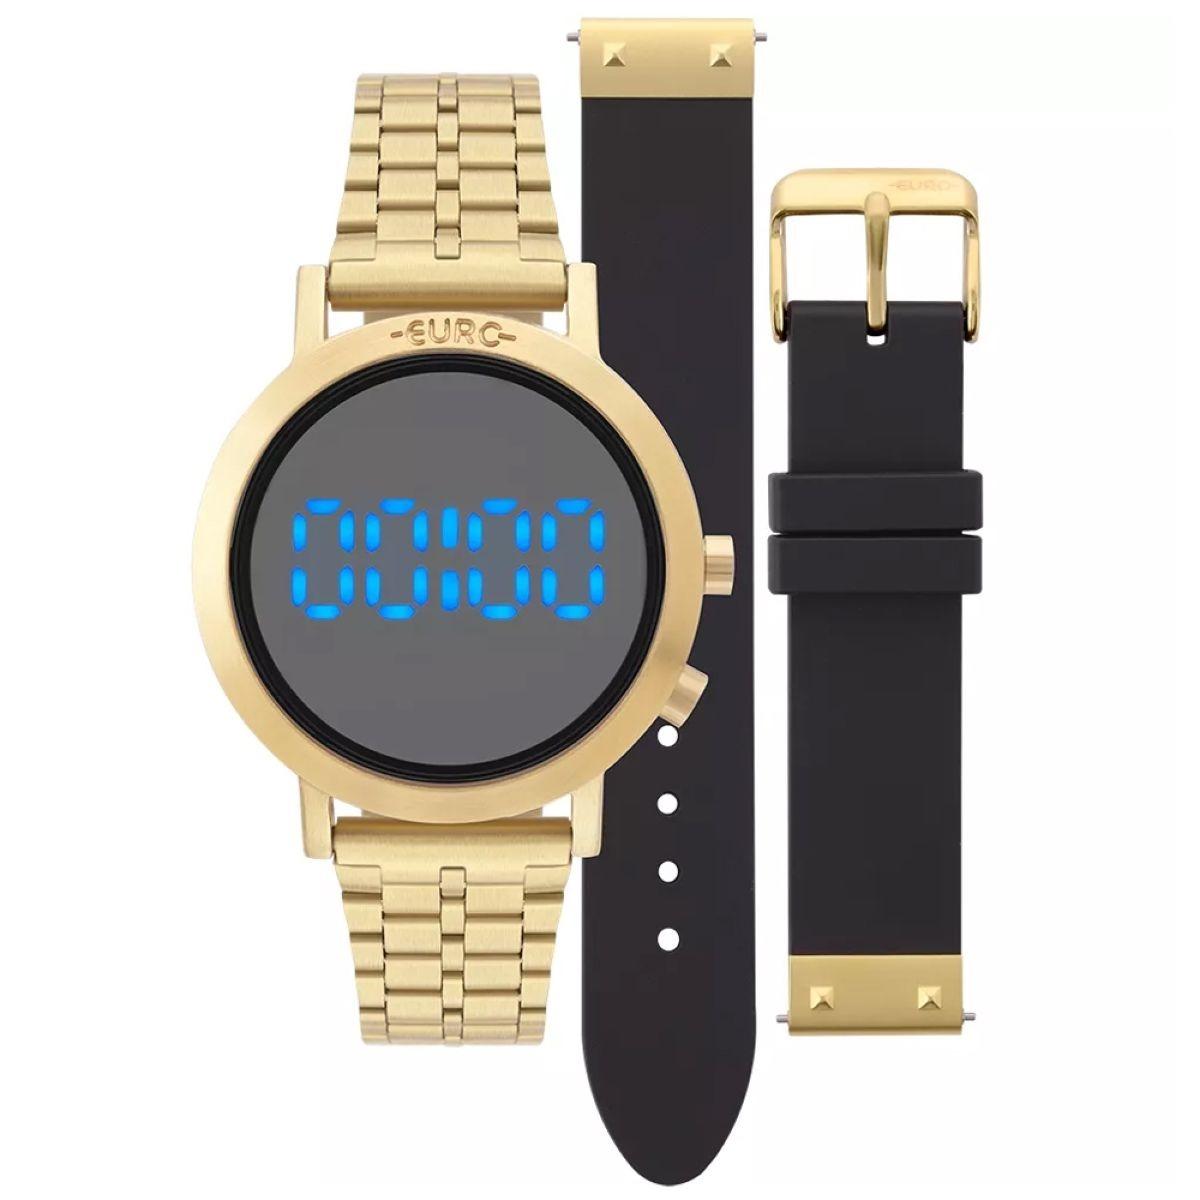 e0ae65cdb2db6 relógio feminino euro aço dourado troca pulseira silicone pr. Carregando  zoom.